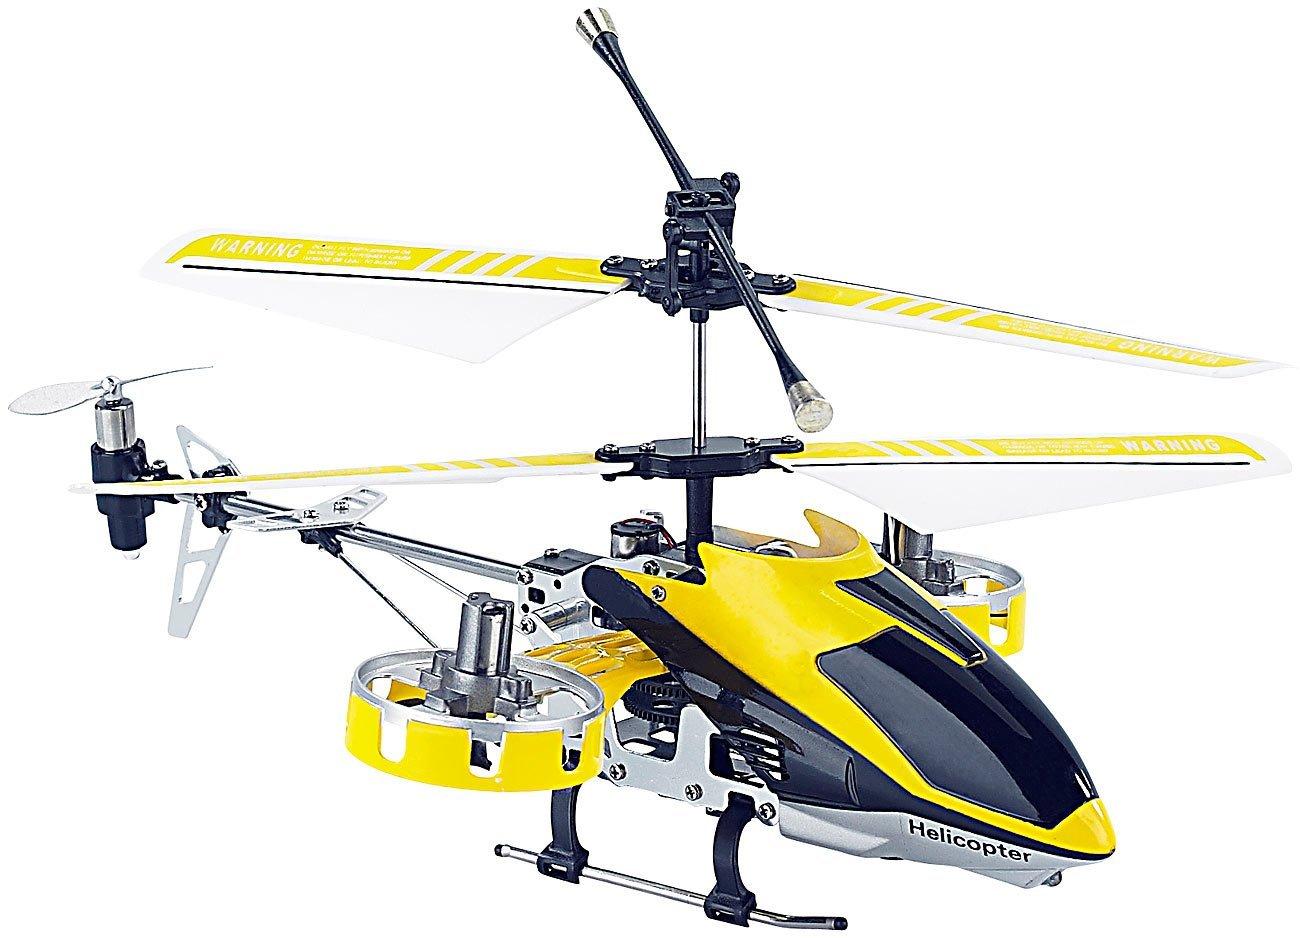 Kinderbett hubschrauber  Ferngesteuerte Hubschrauber Vergleich – RC Helikopter für Kinder